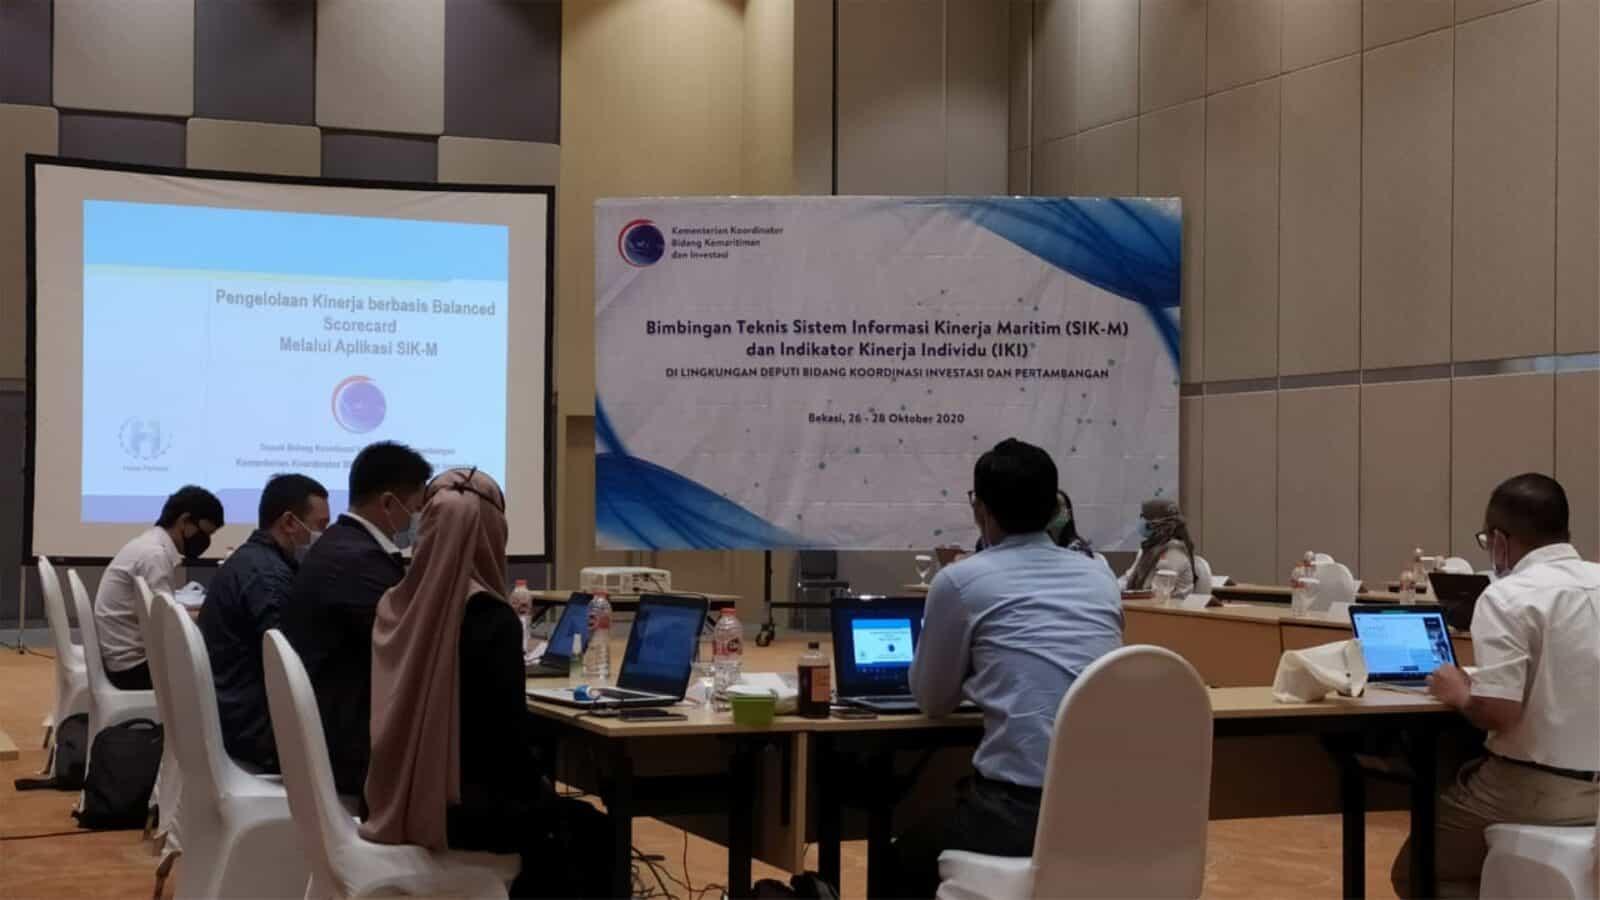 Perkuat Kemampuan Perencanaan dan Akutabilitas Kinerja, Deputi Bidang Koordinasi Investasi dan Pertambangan Kemenko Marves Gelar Bimtek SIK-M